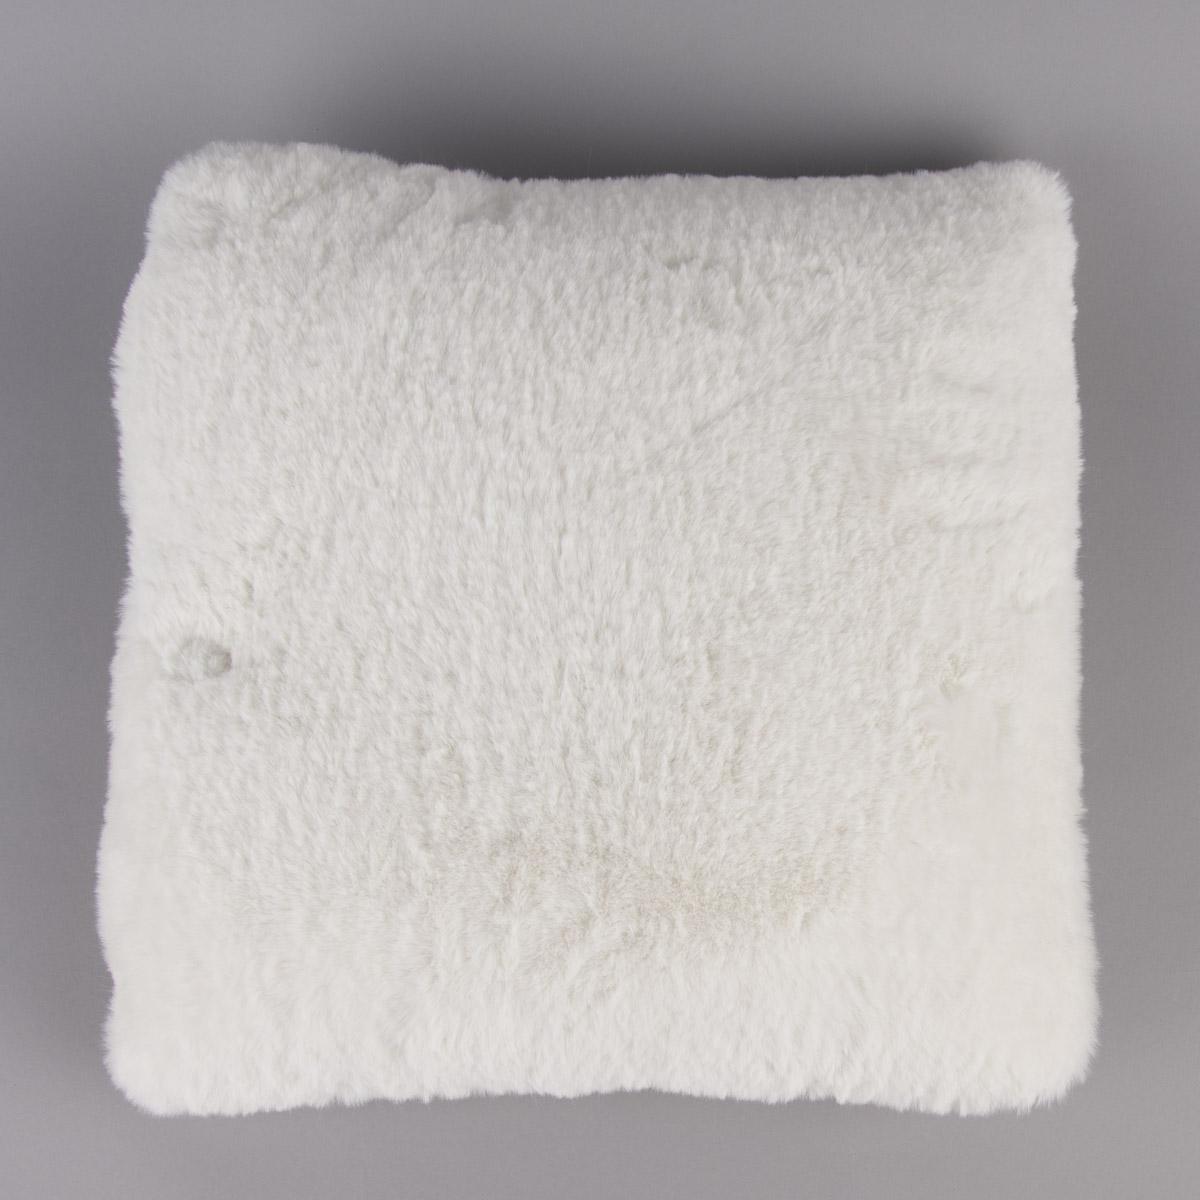 Deko Kuschelkissen Plüsch einfarbig weiß 45x45cm